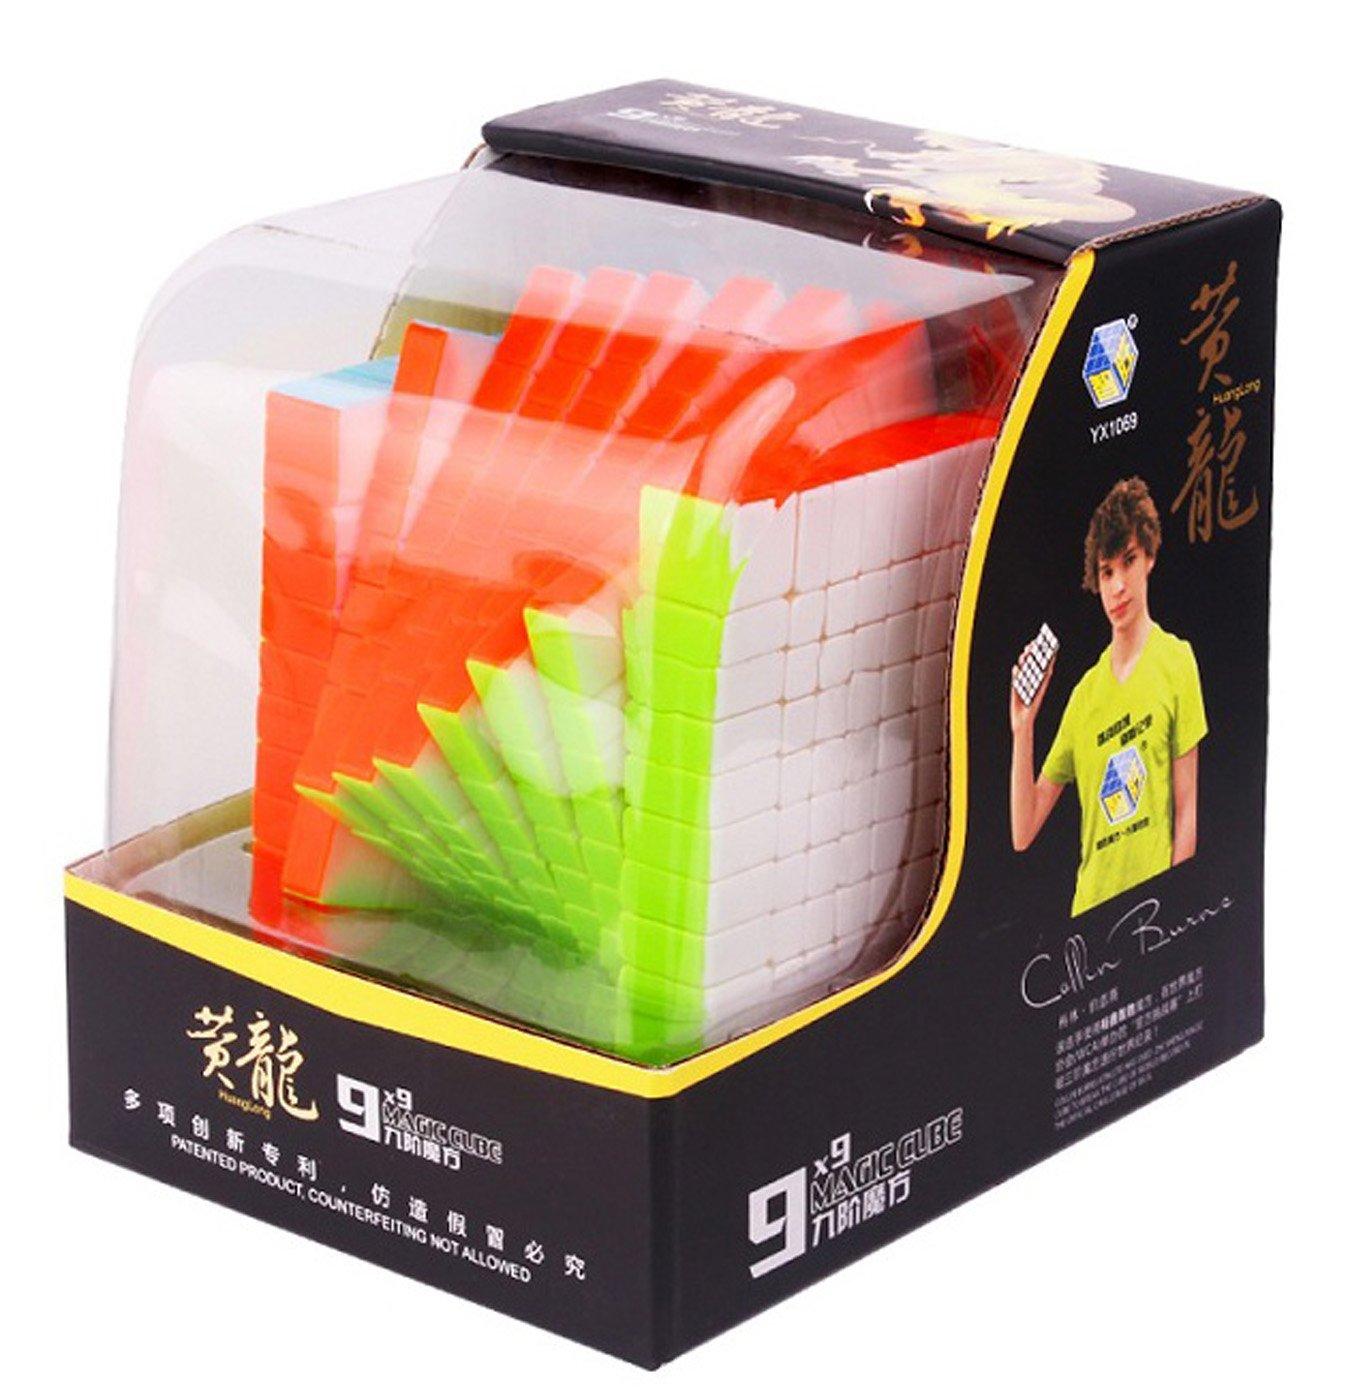 ZHISHENG 7x7x7 bis 11x11x11 Pro Magischer Würfel Ohne Aufkleber Magic Cube Puzzles Spielzeug (11x11x11, Schwarz Gef t 9x9x9